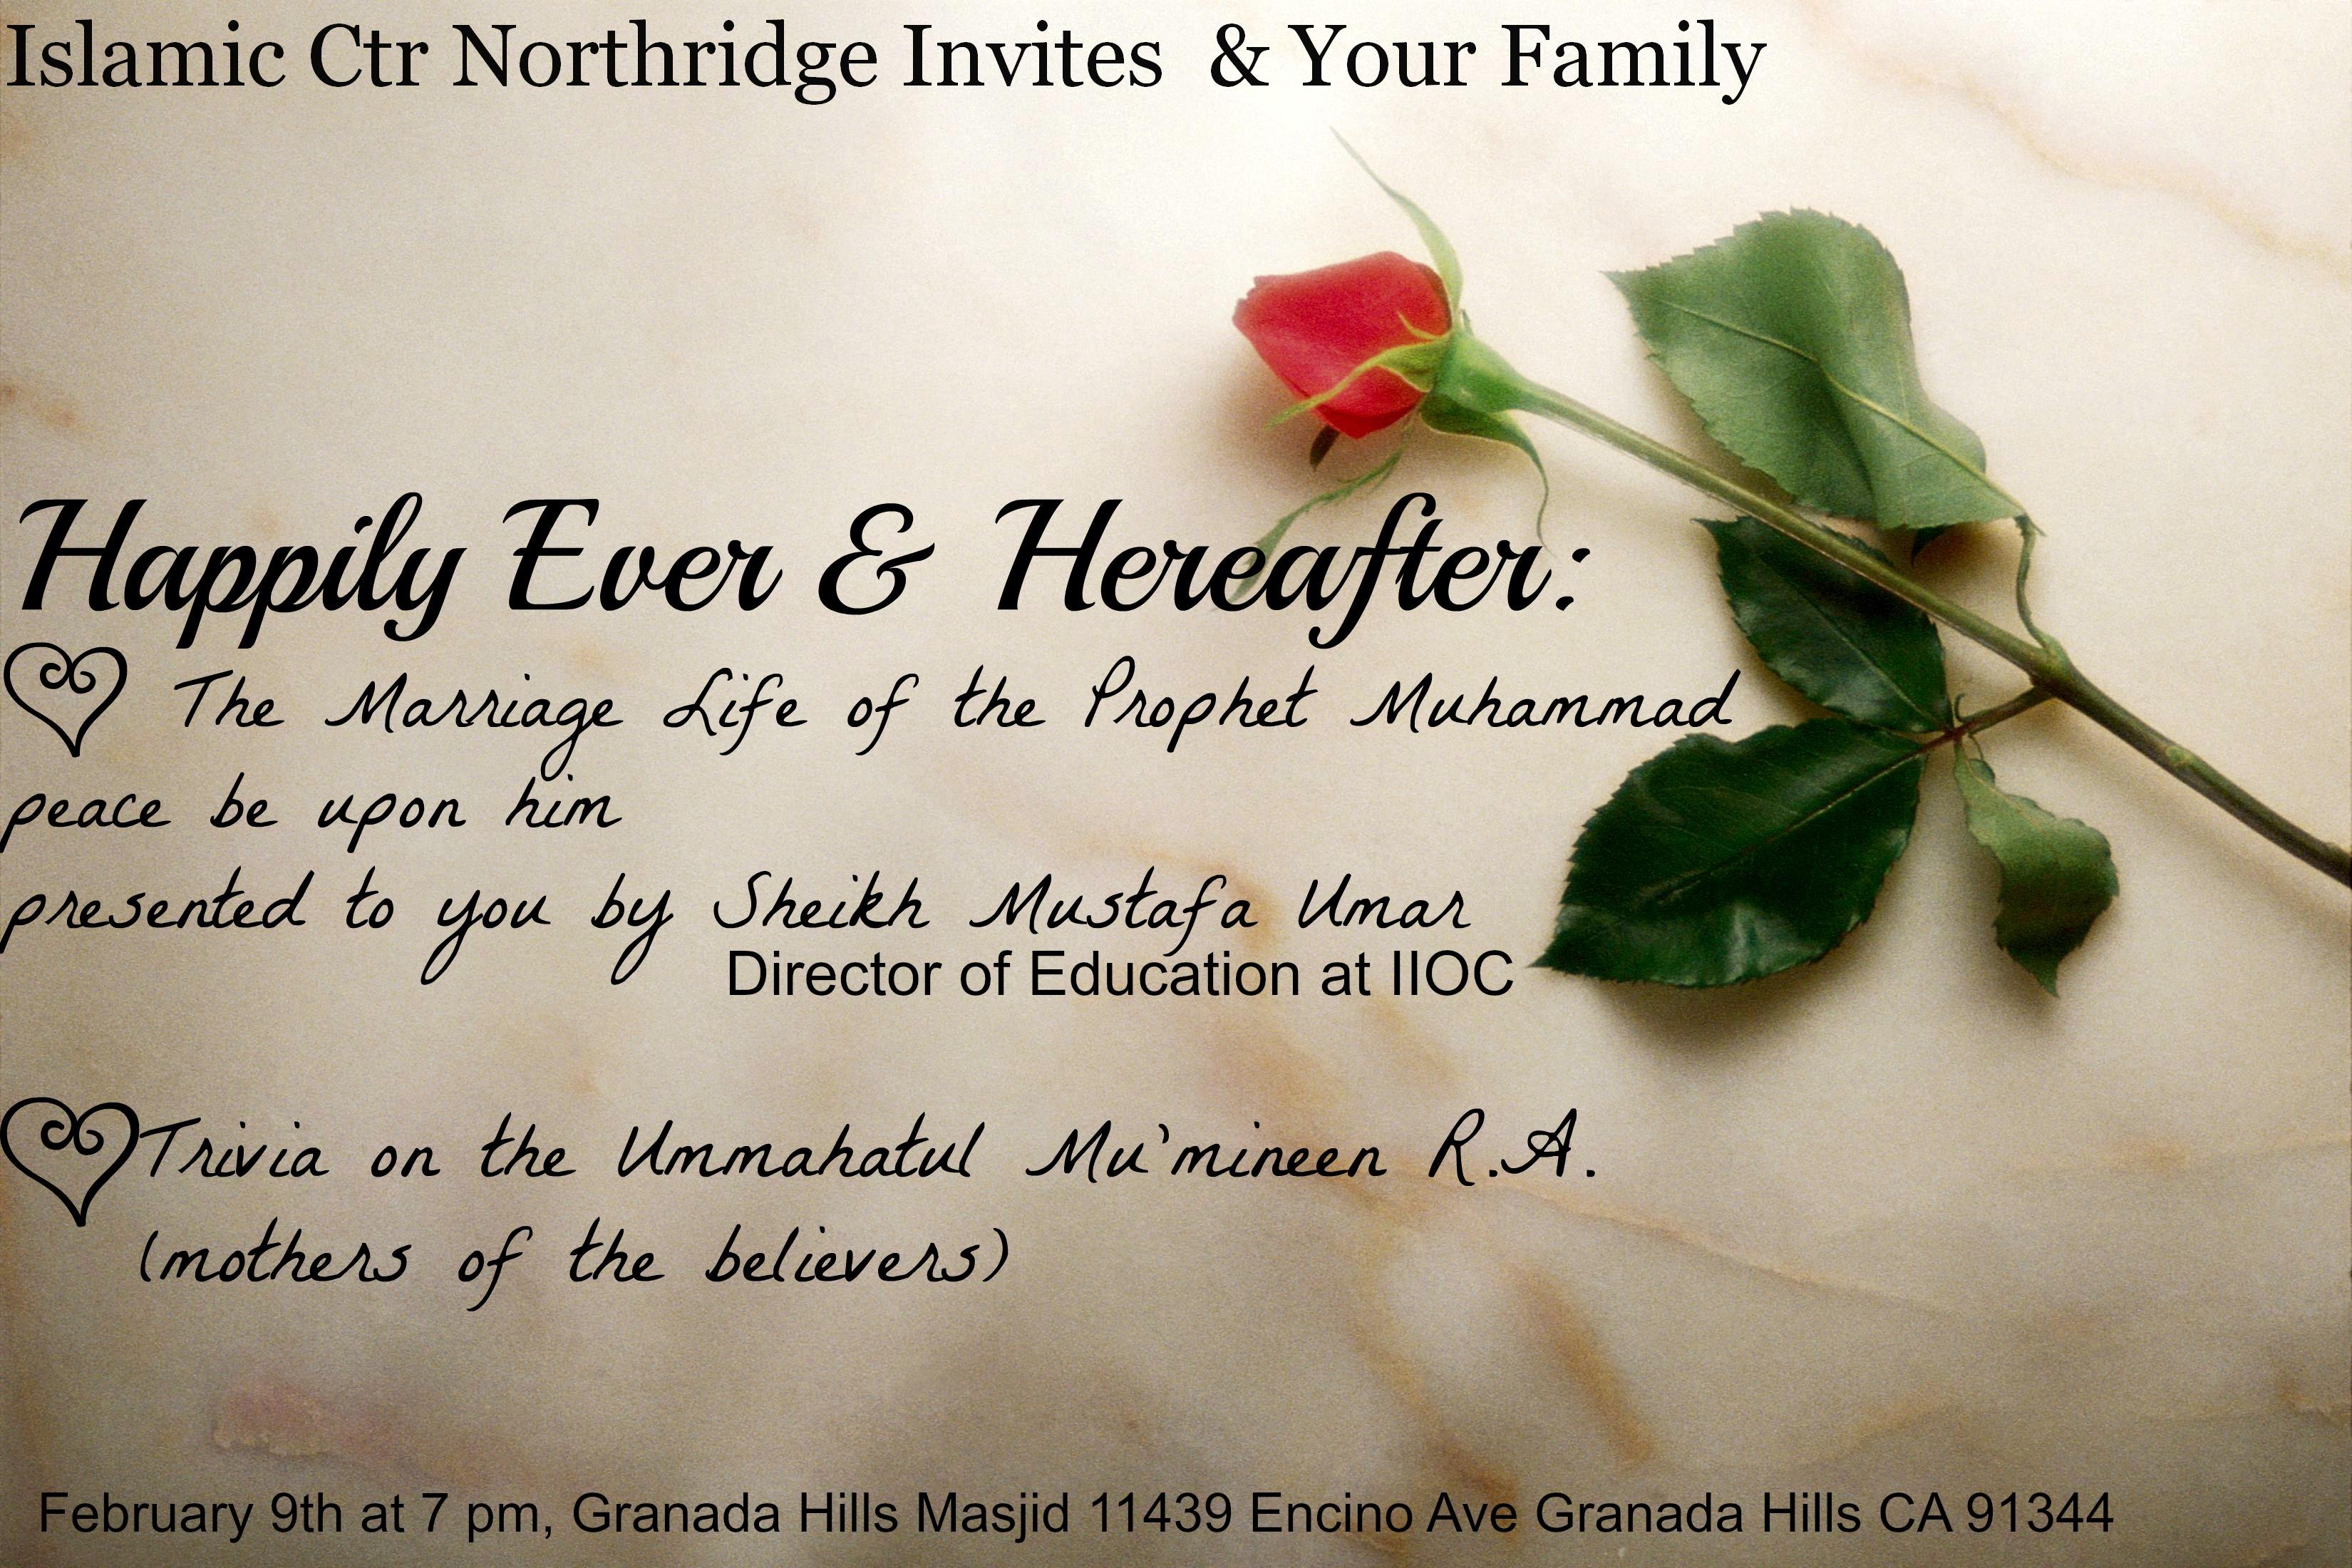 HappilyEver&Hereafter